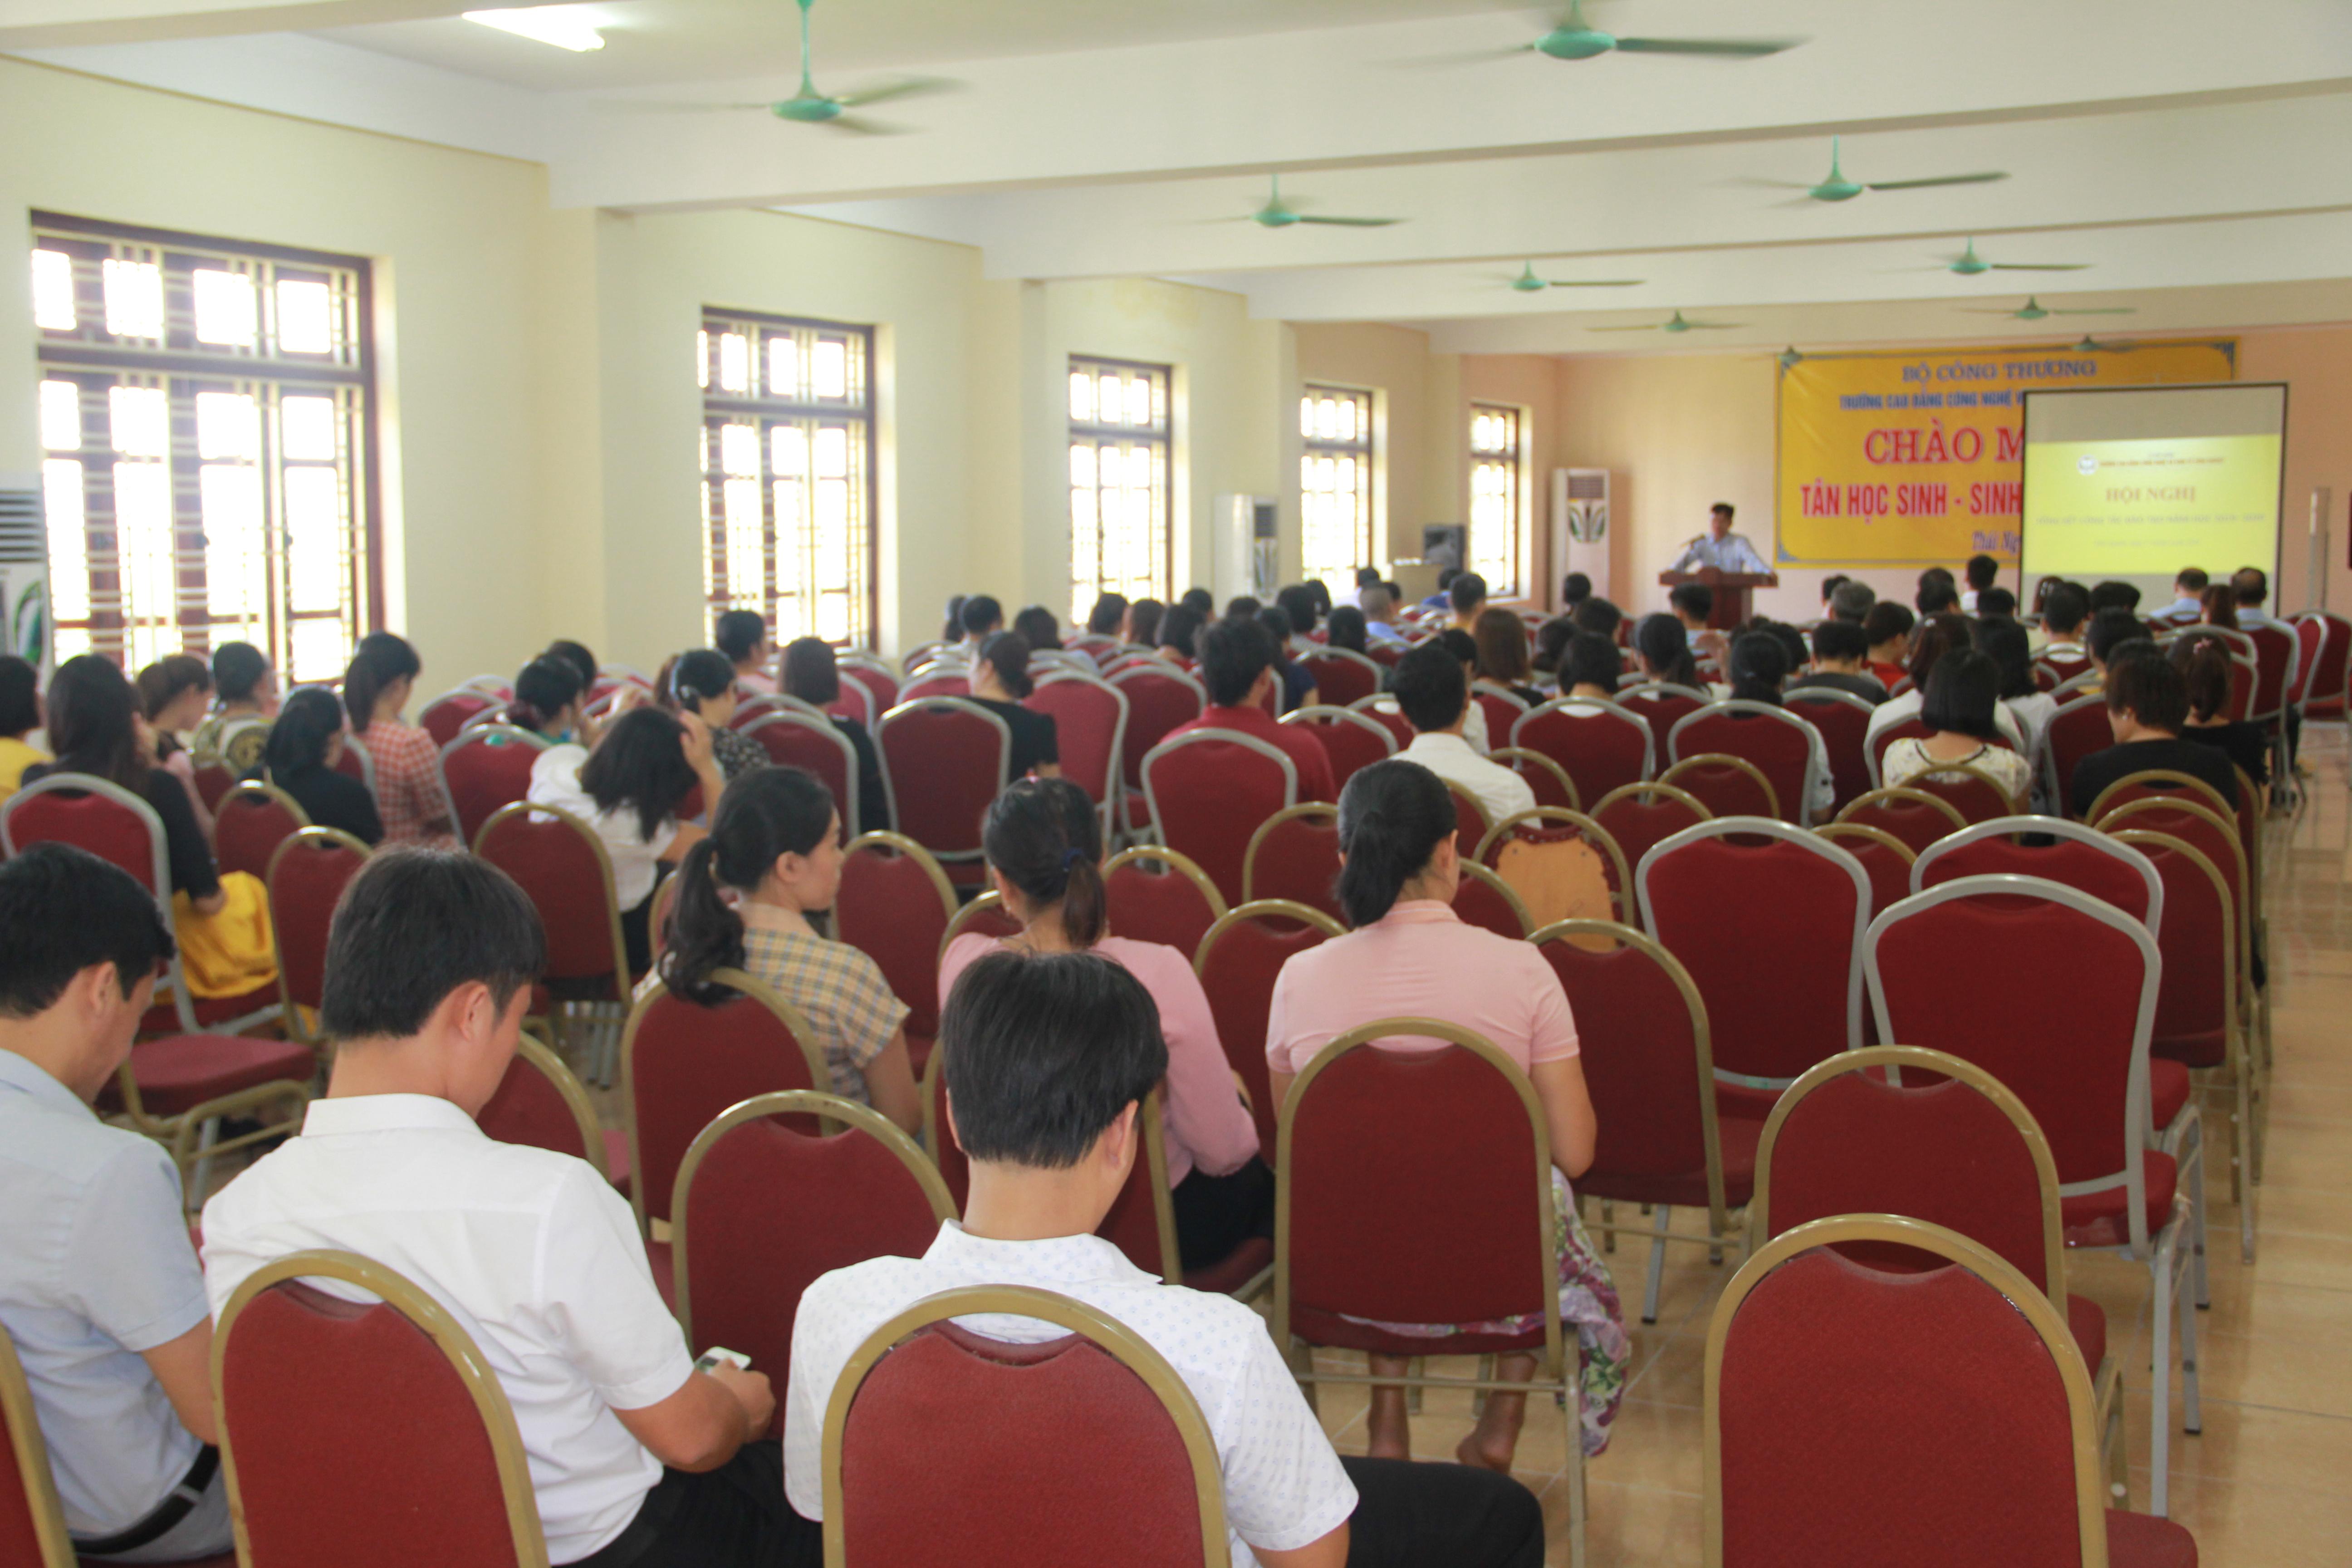 Hội nghị Tổng kết Công tác đào tạo năm học 2019-2020 và triển khai kế hoạch năm học 2020-2021